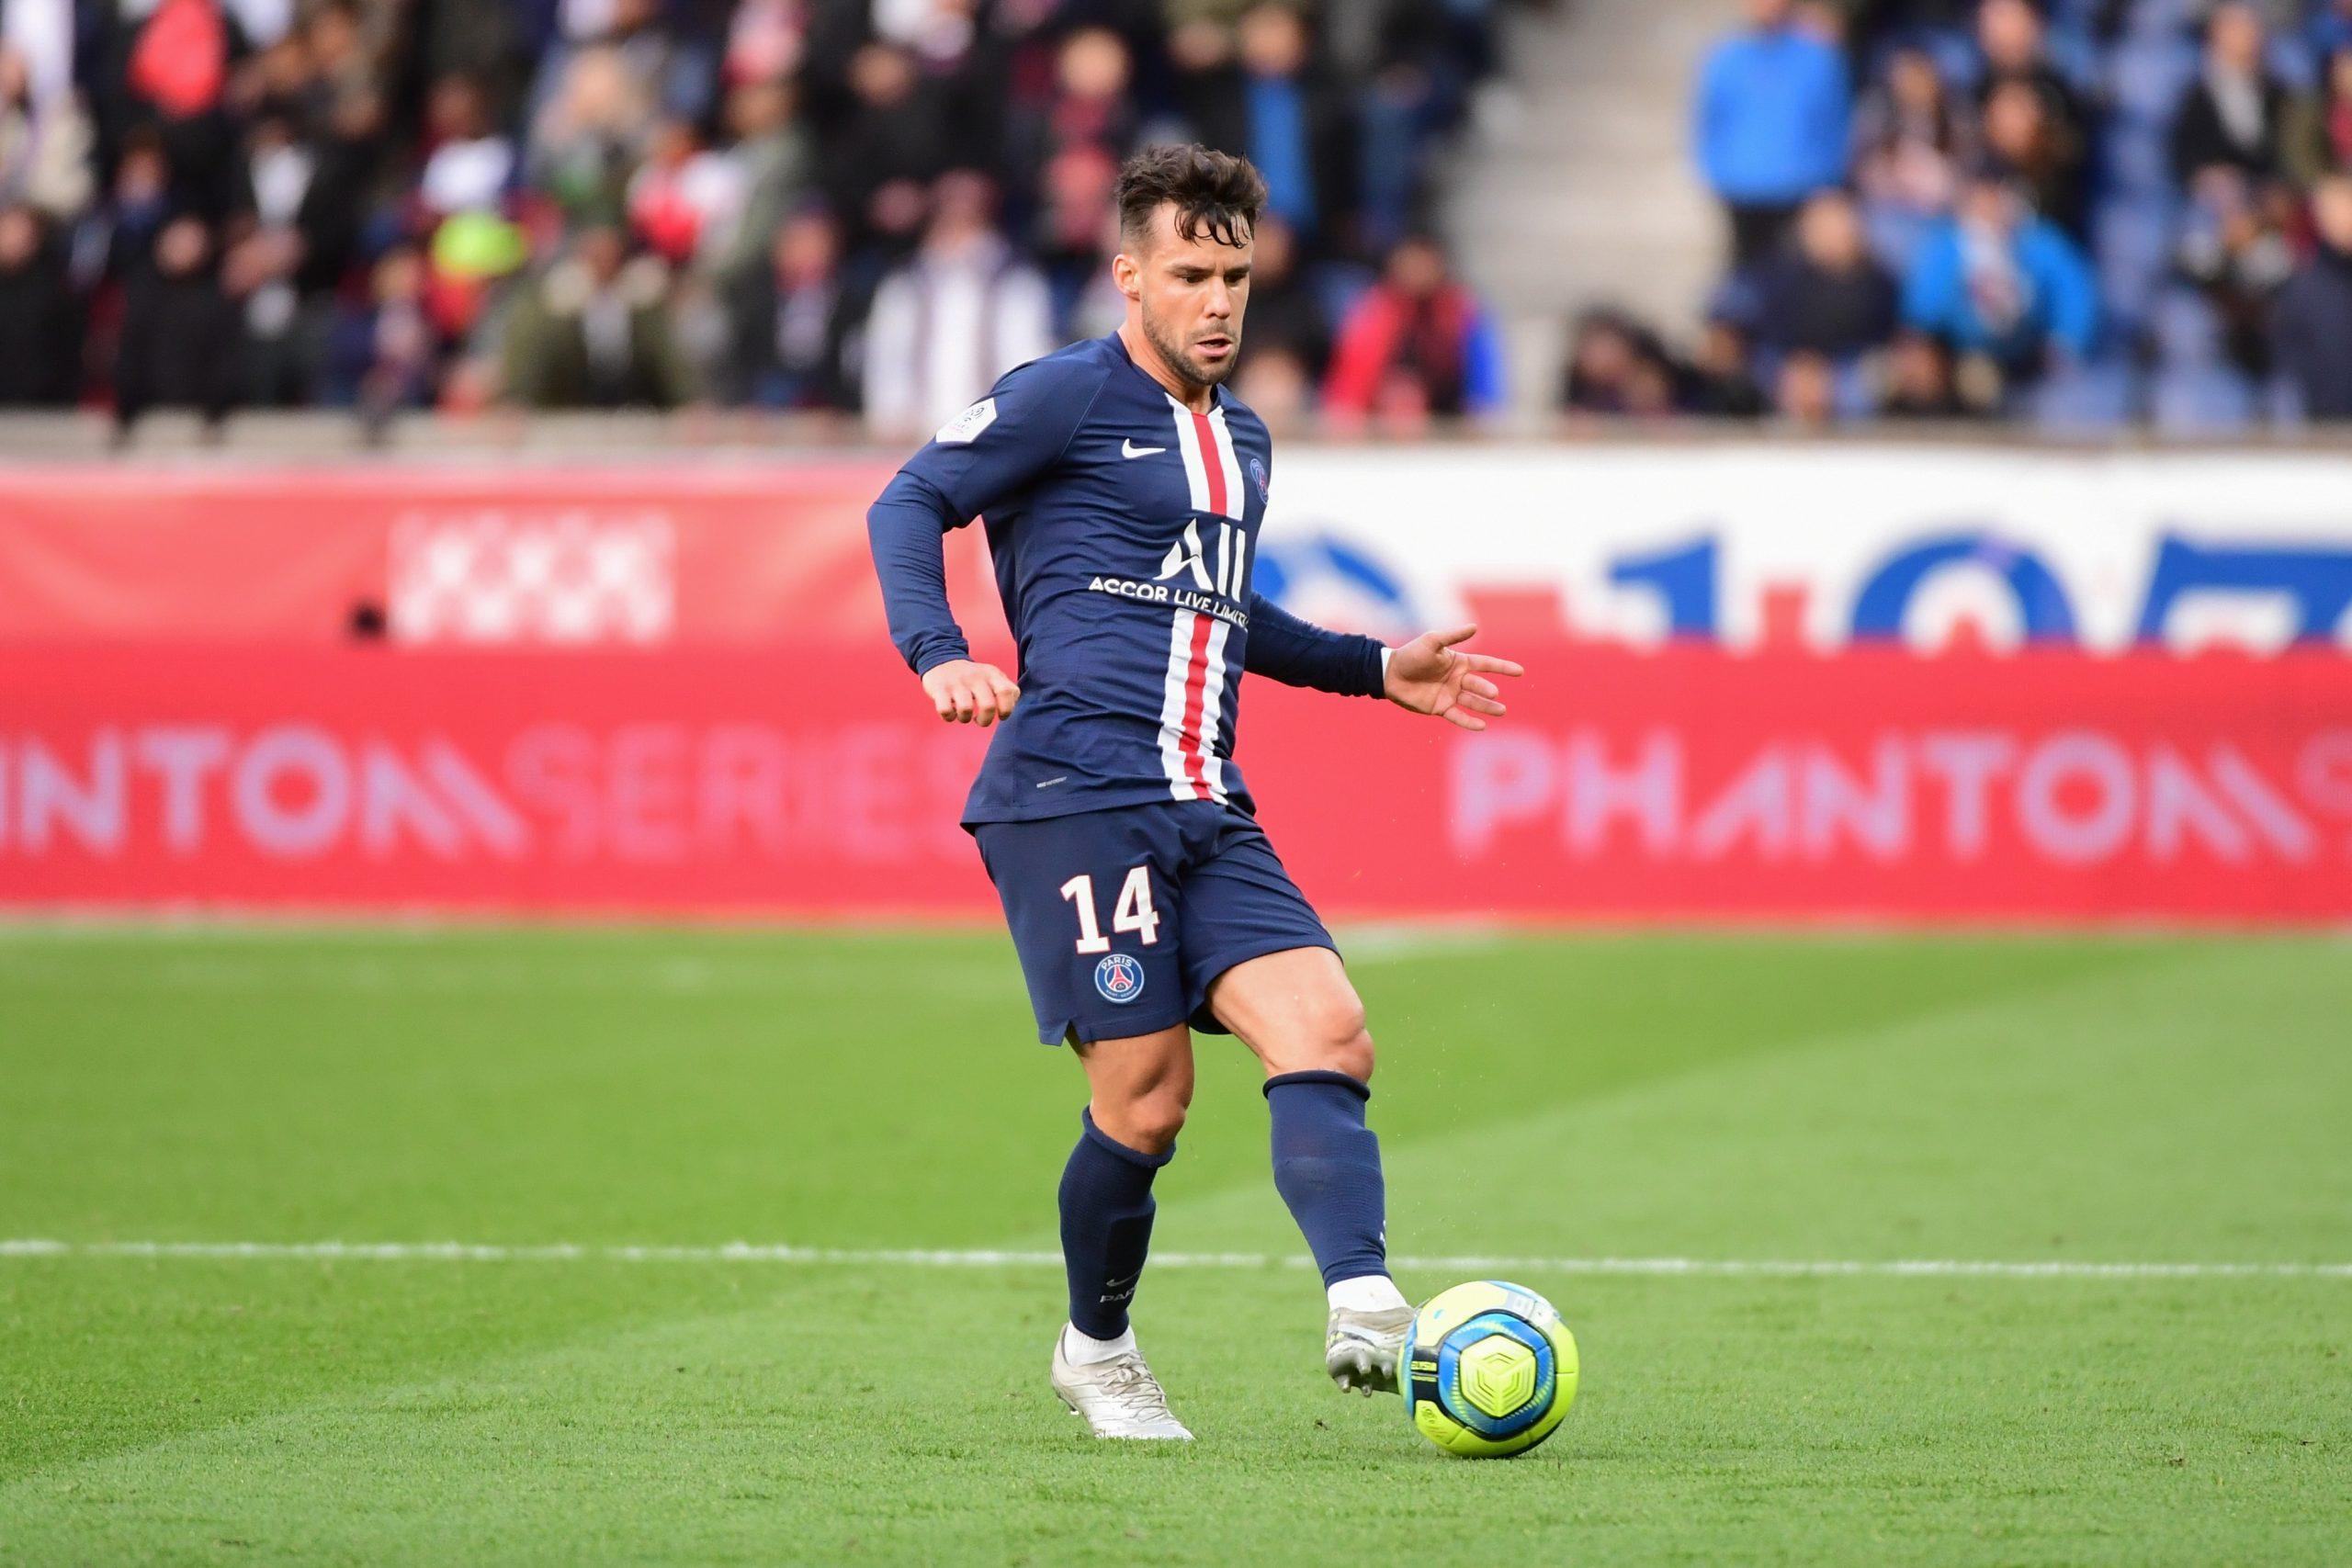 """Le PSG """"croise les doigts"""" pour Bernat et ne compte """"absolument pas s'en séparer"""", indique Le Parisien"""